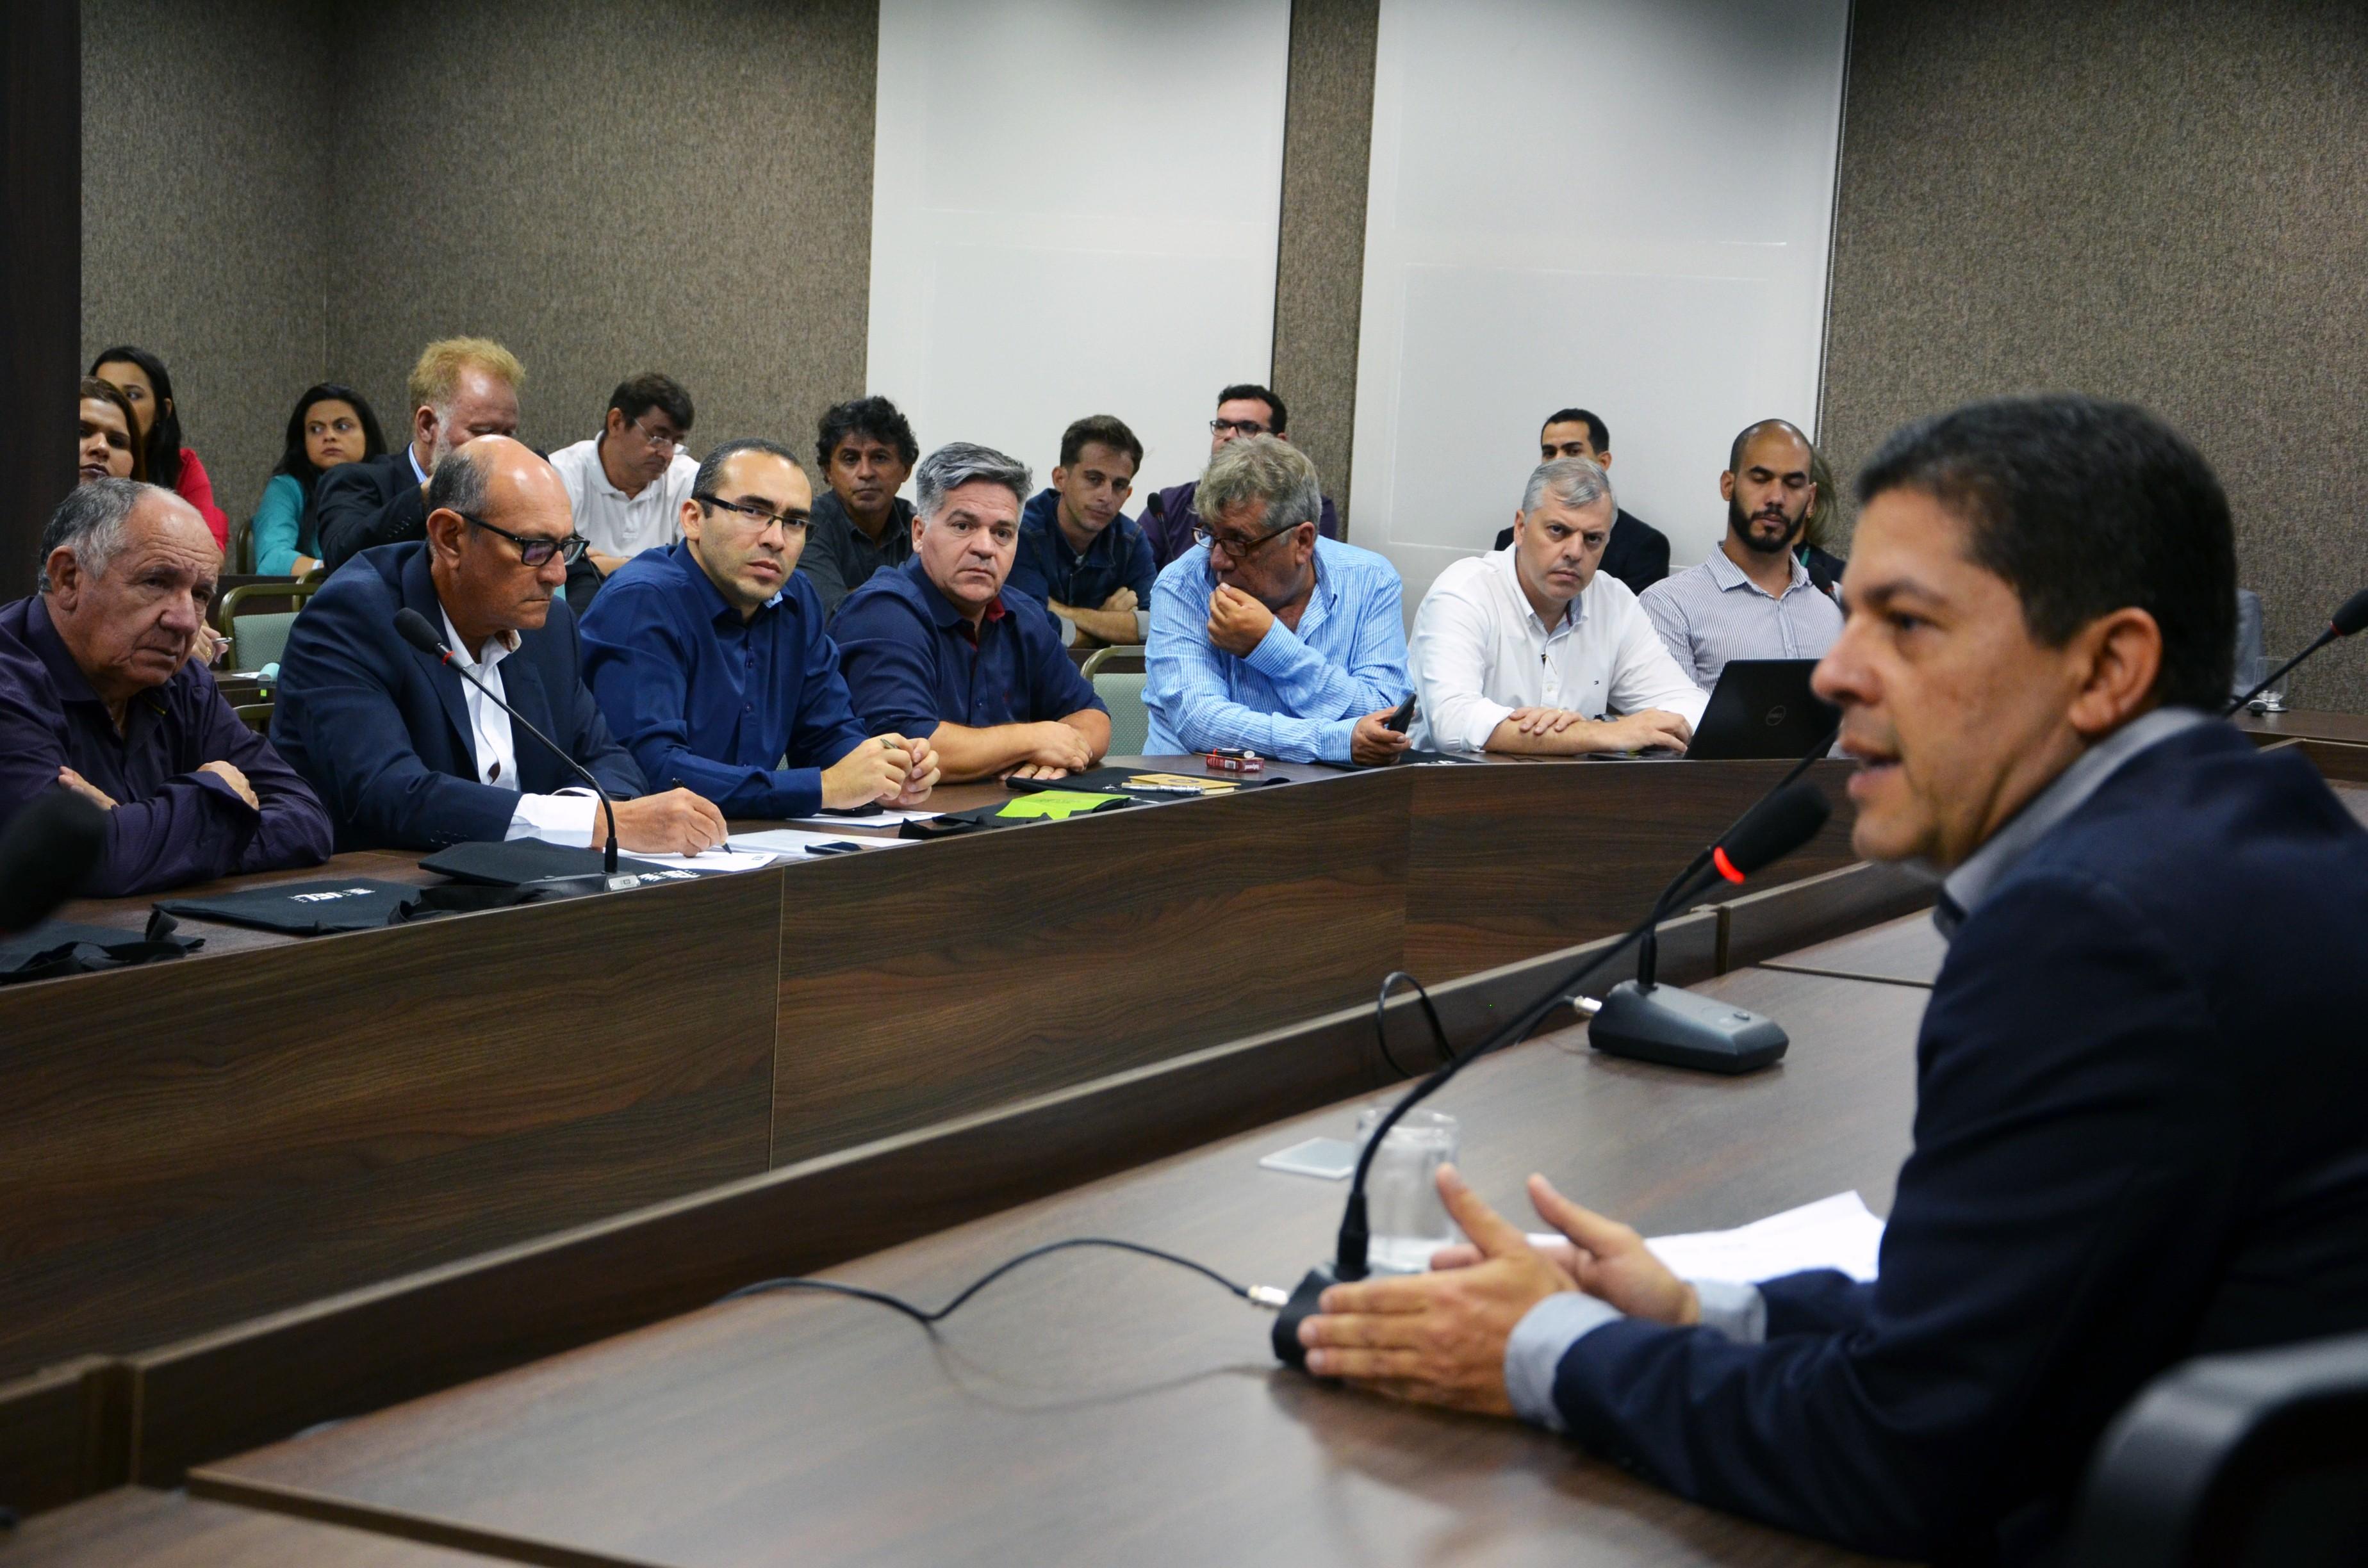 Fórum discute boas práticas de fabricação da água mineral no Rio Grande do Norte - Notícias - Plantão Diário